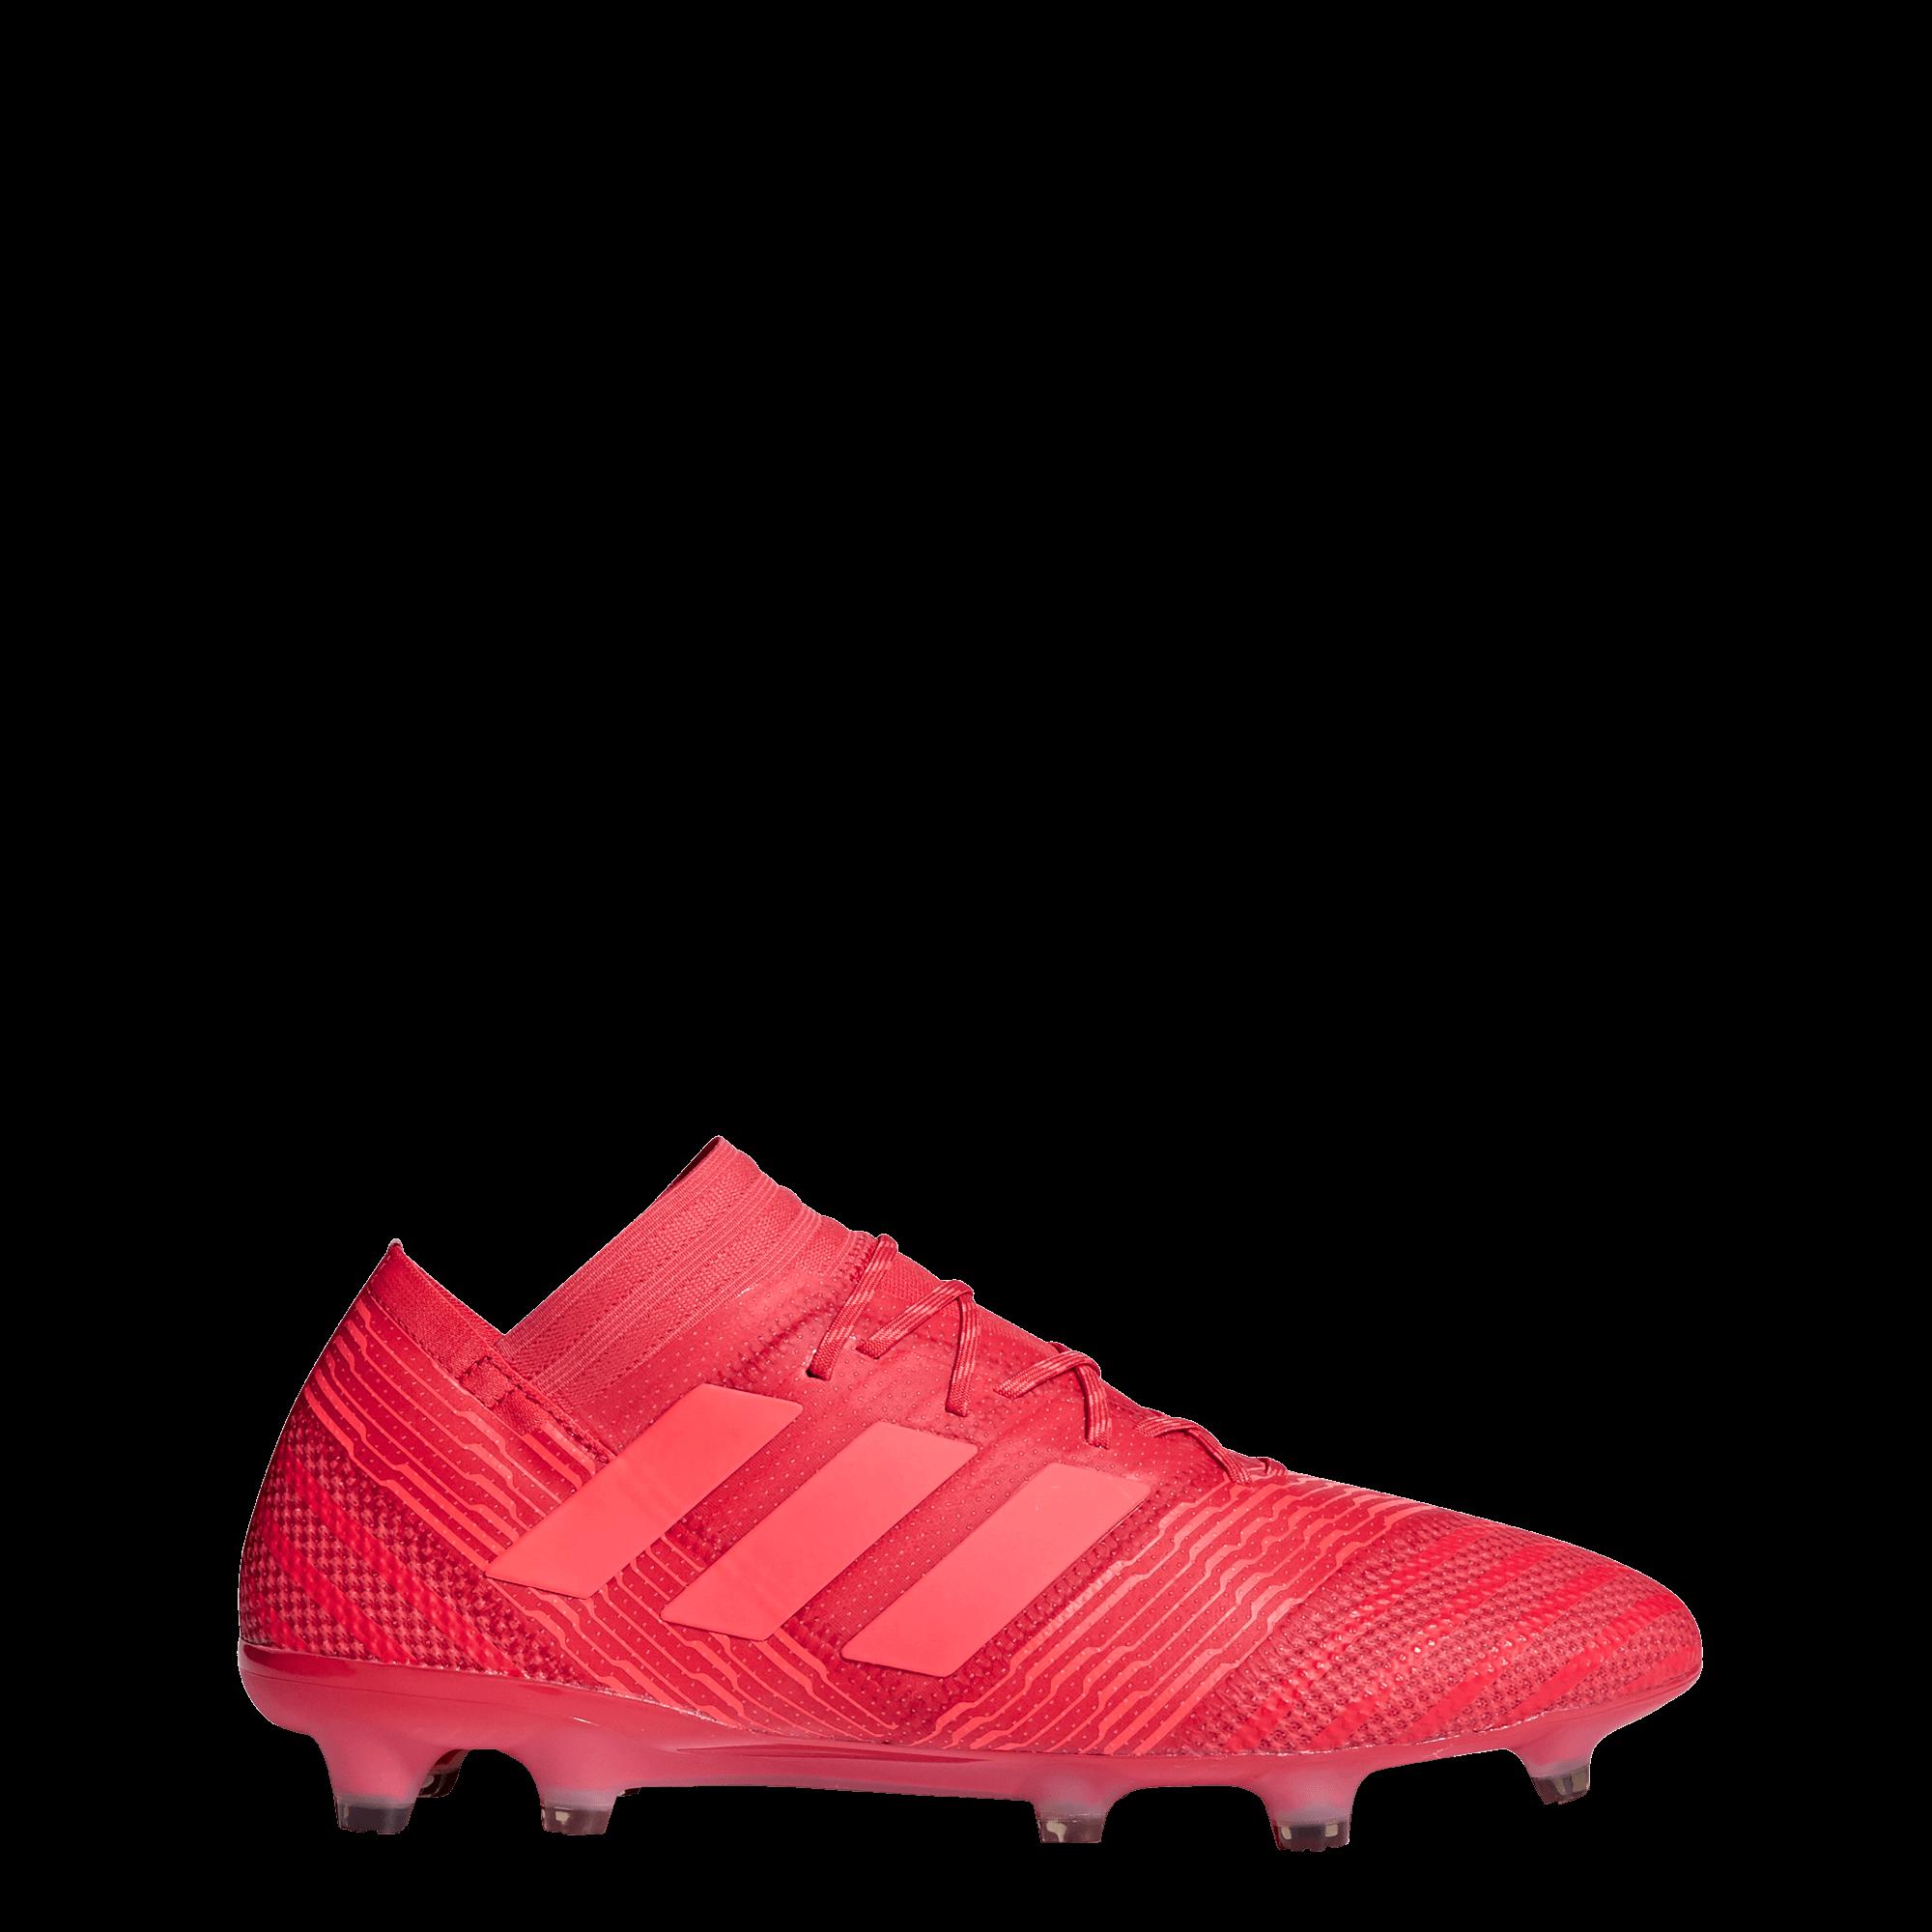 cheaper cd155 7d33b adidas Nemeziz 17.1 Firm Ground Voetbalschoen Rood zijkant